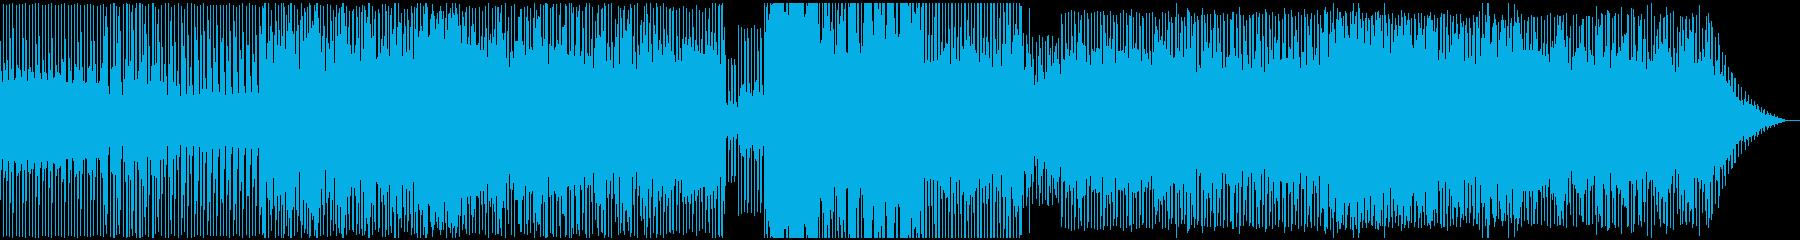 淡々と無機質なテクノサウンドの再生済みの波形